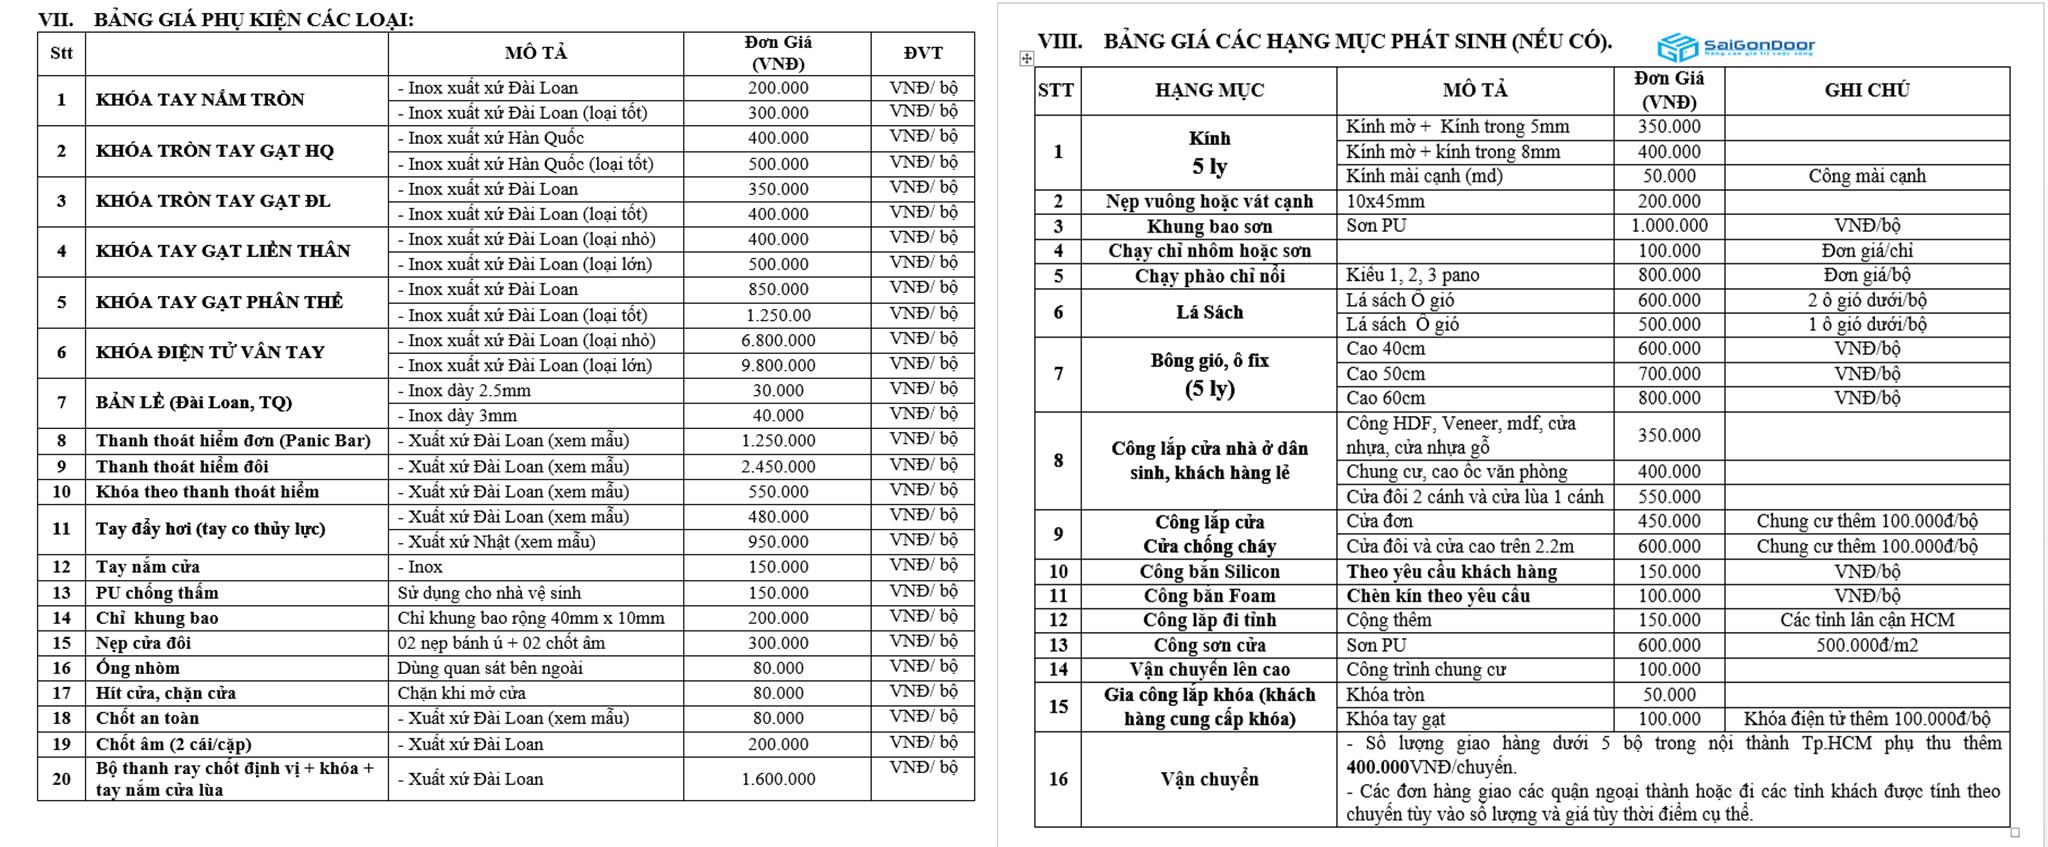 Bảng báo giá phụ kiện và các hạng mục phát sinh